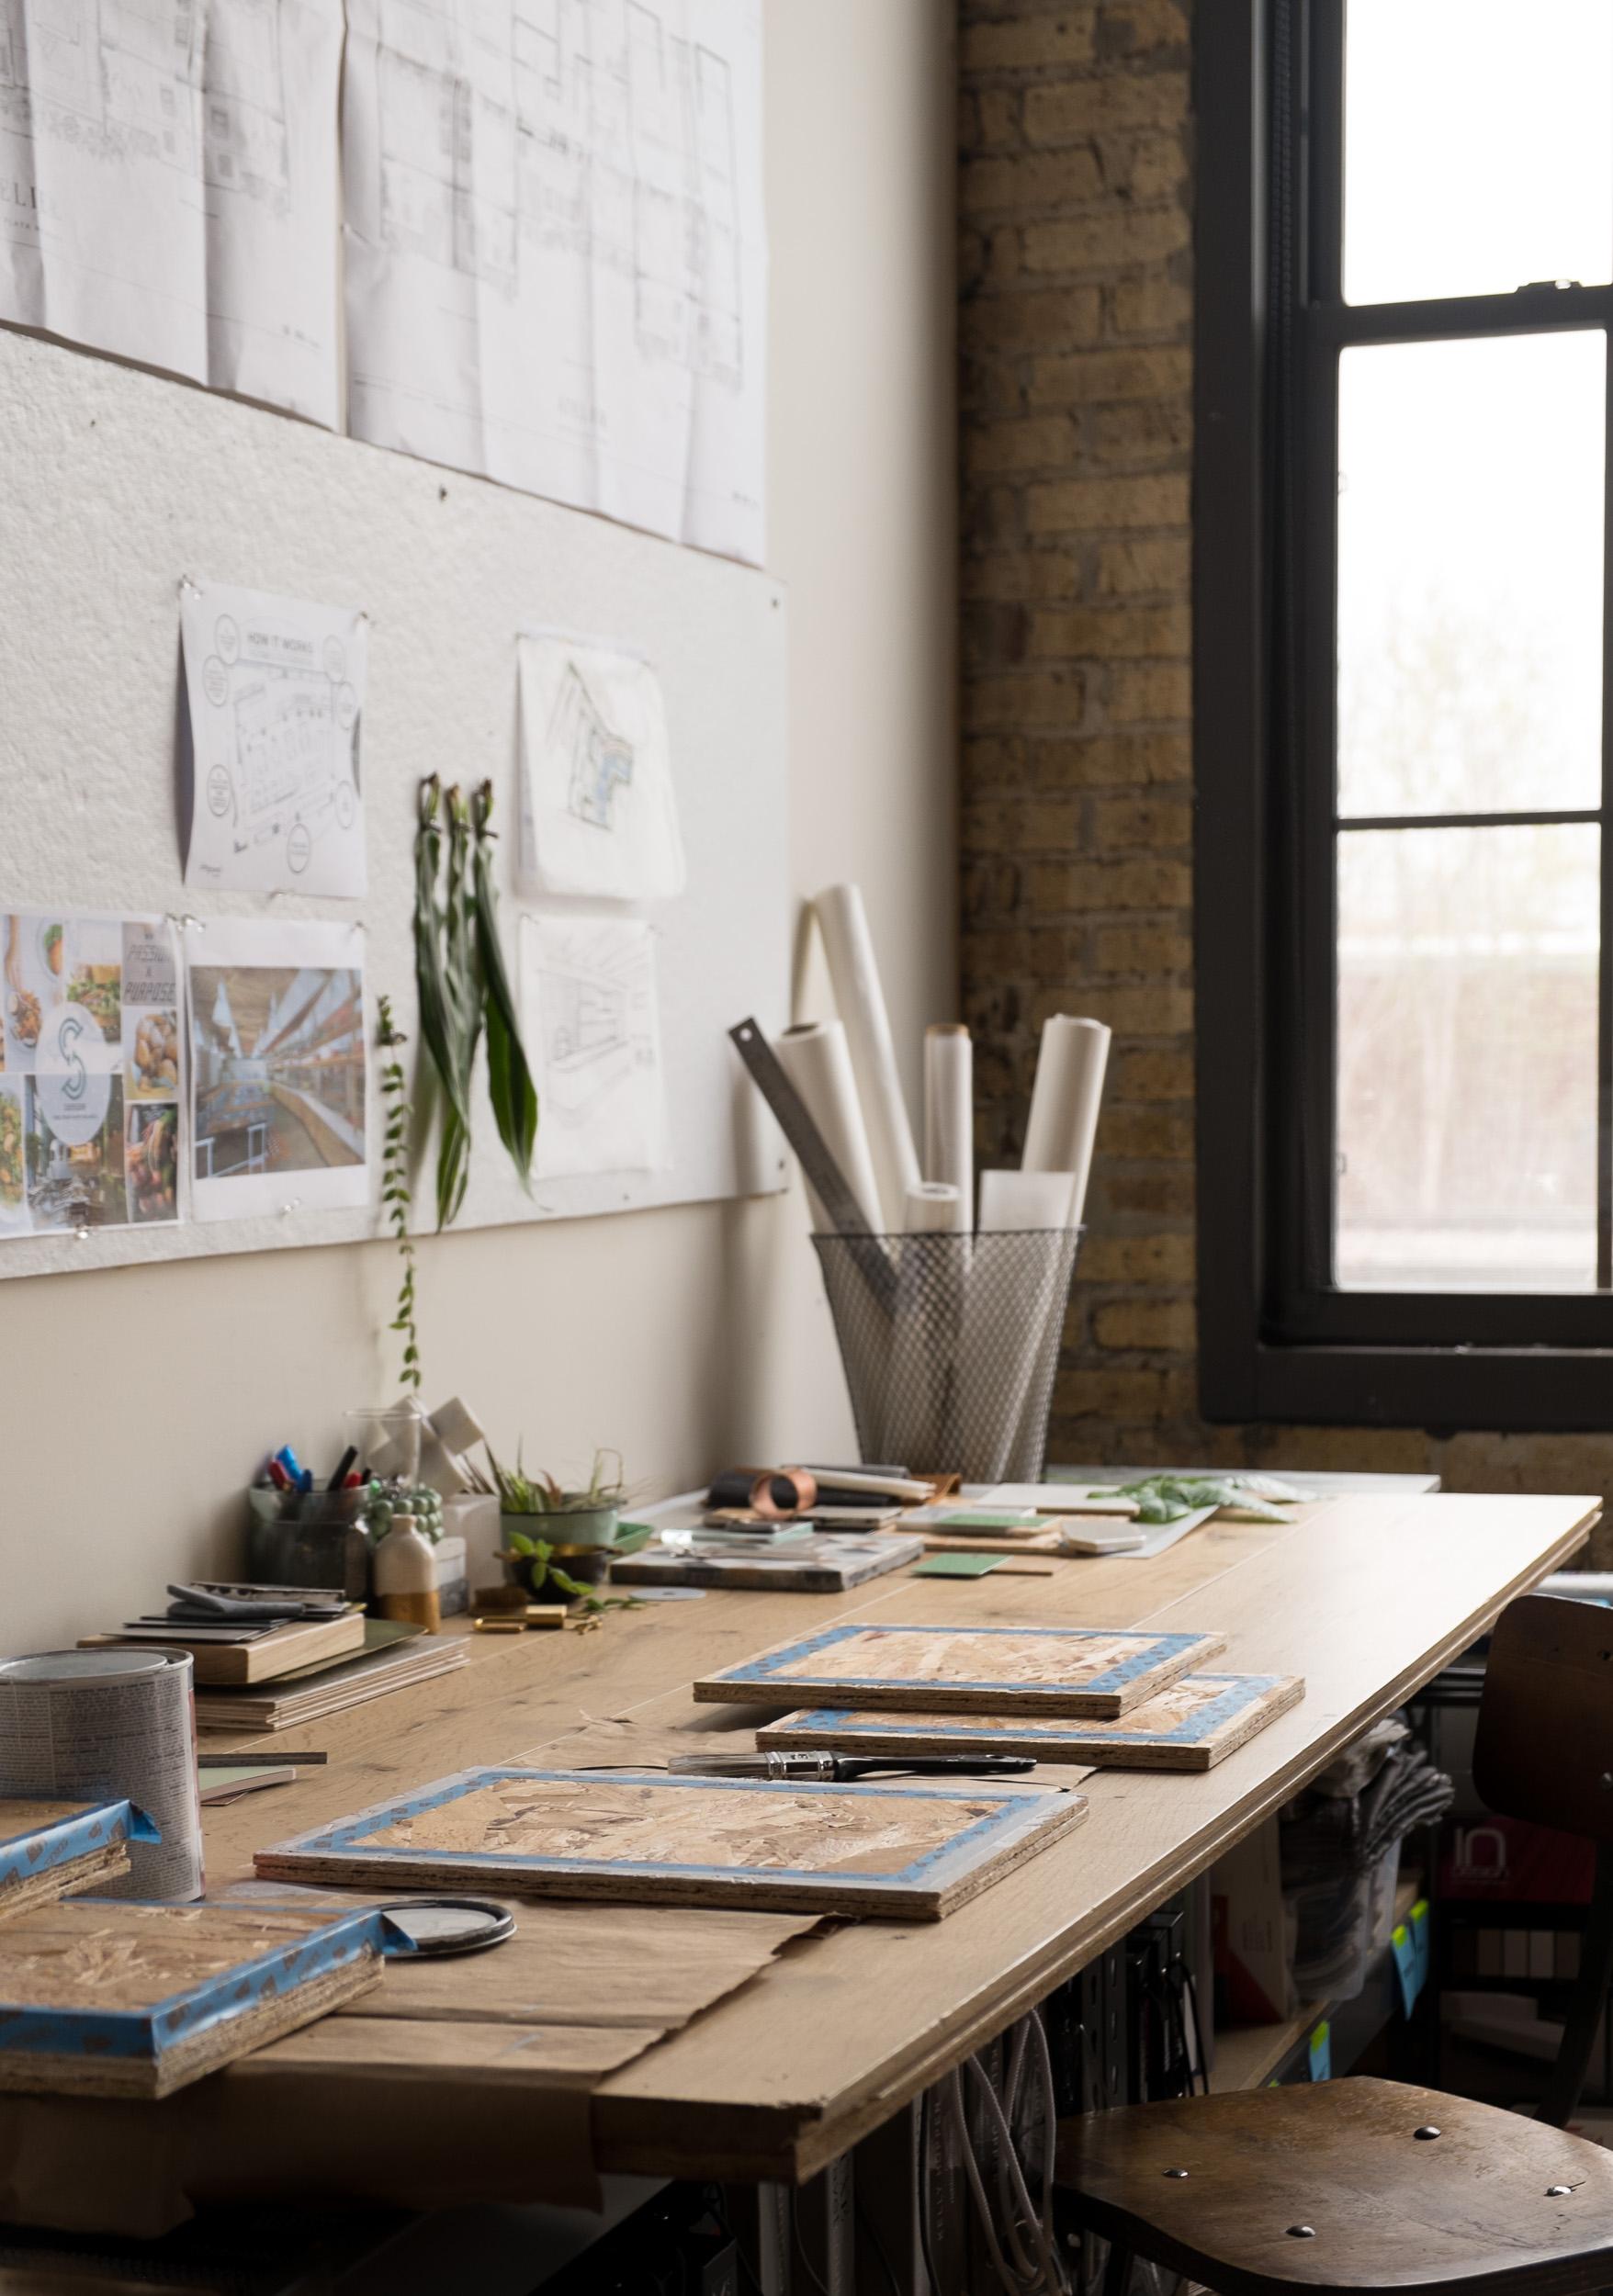 hoernig_katrina_curioso_prop_interior_design_stylist_chicago5.jpg